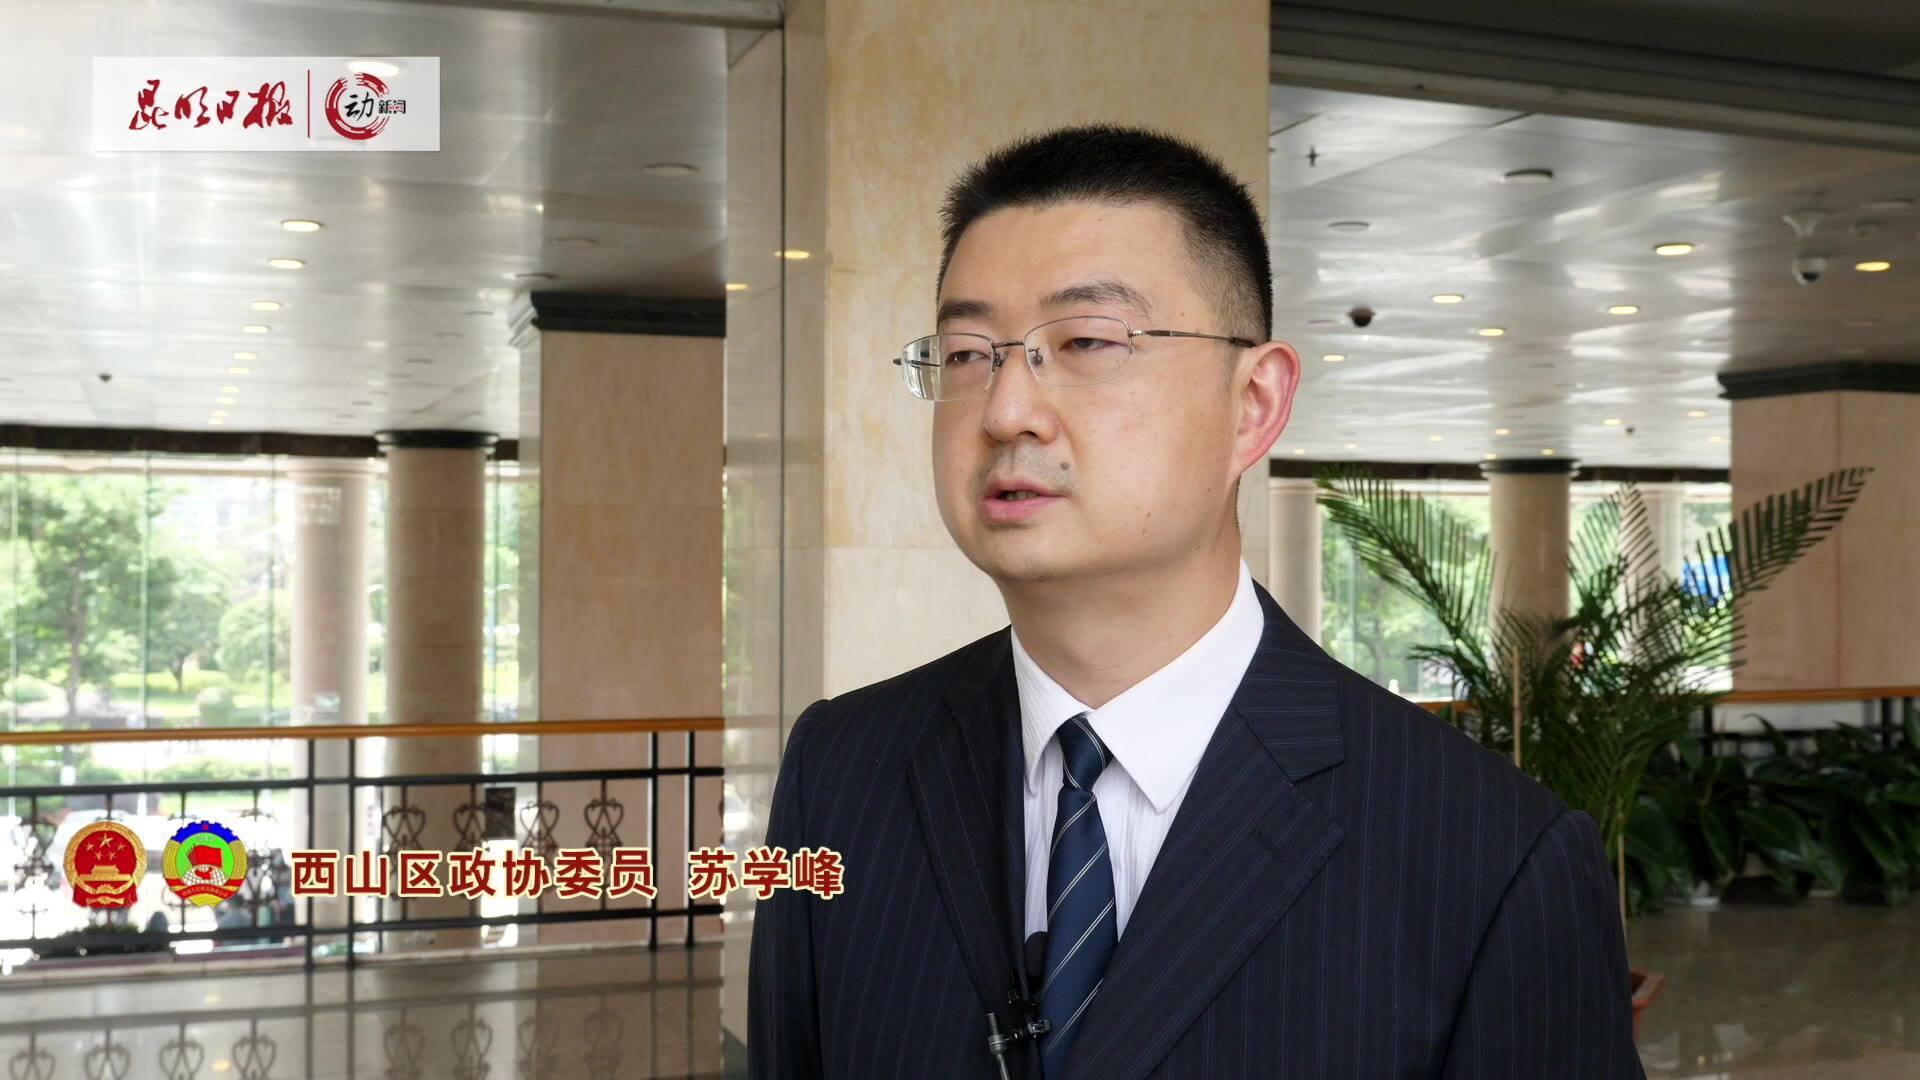 动新闻|西山区政协委员有话说·苏学峰